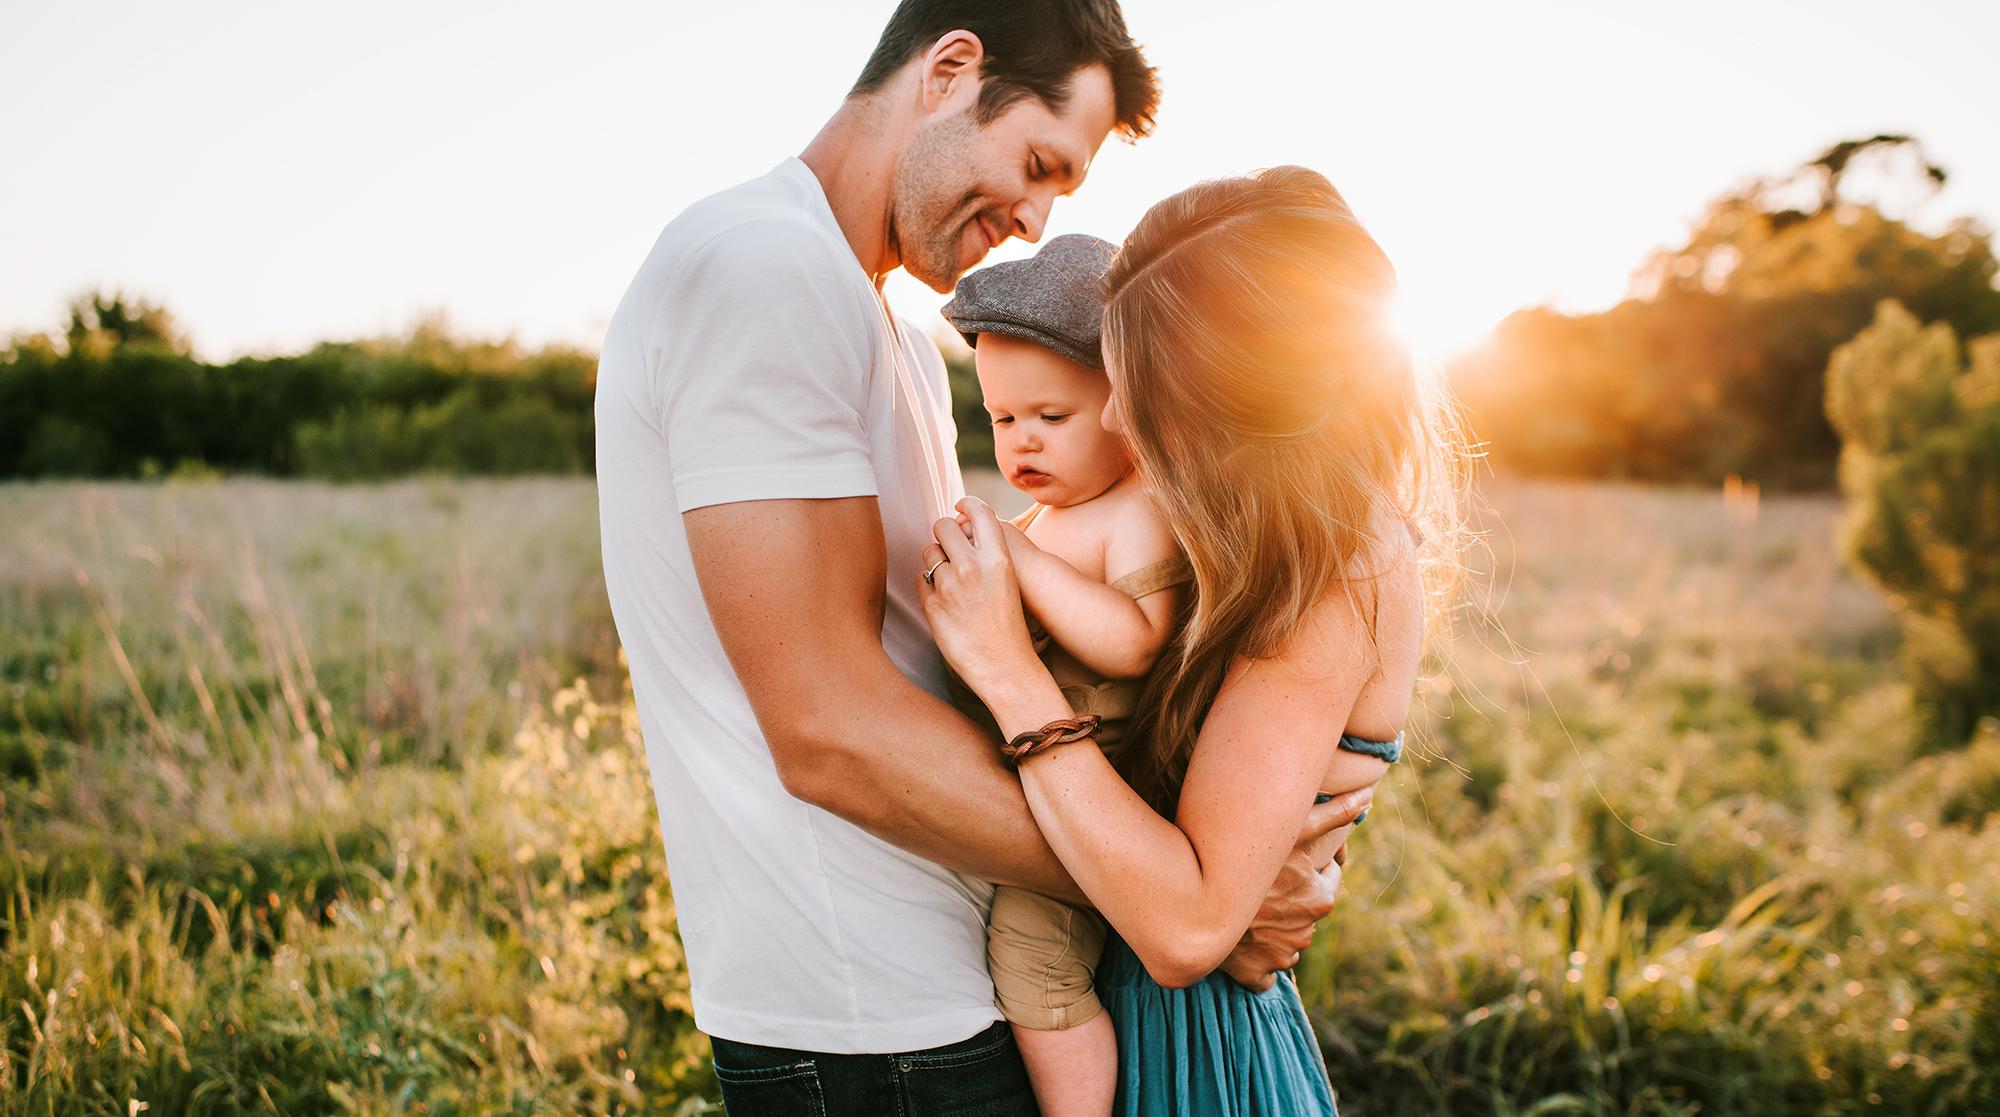 parents - positifs-bonheur amour - AFEPS éducation efficace joie harmonie partage protection empathie